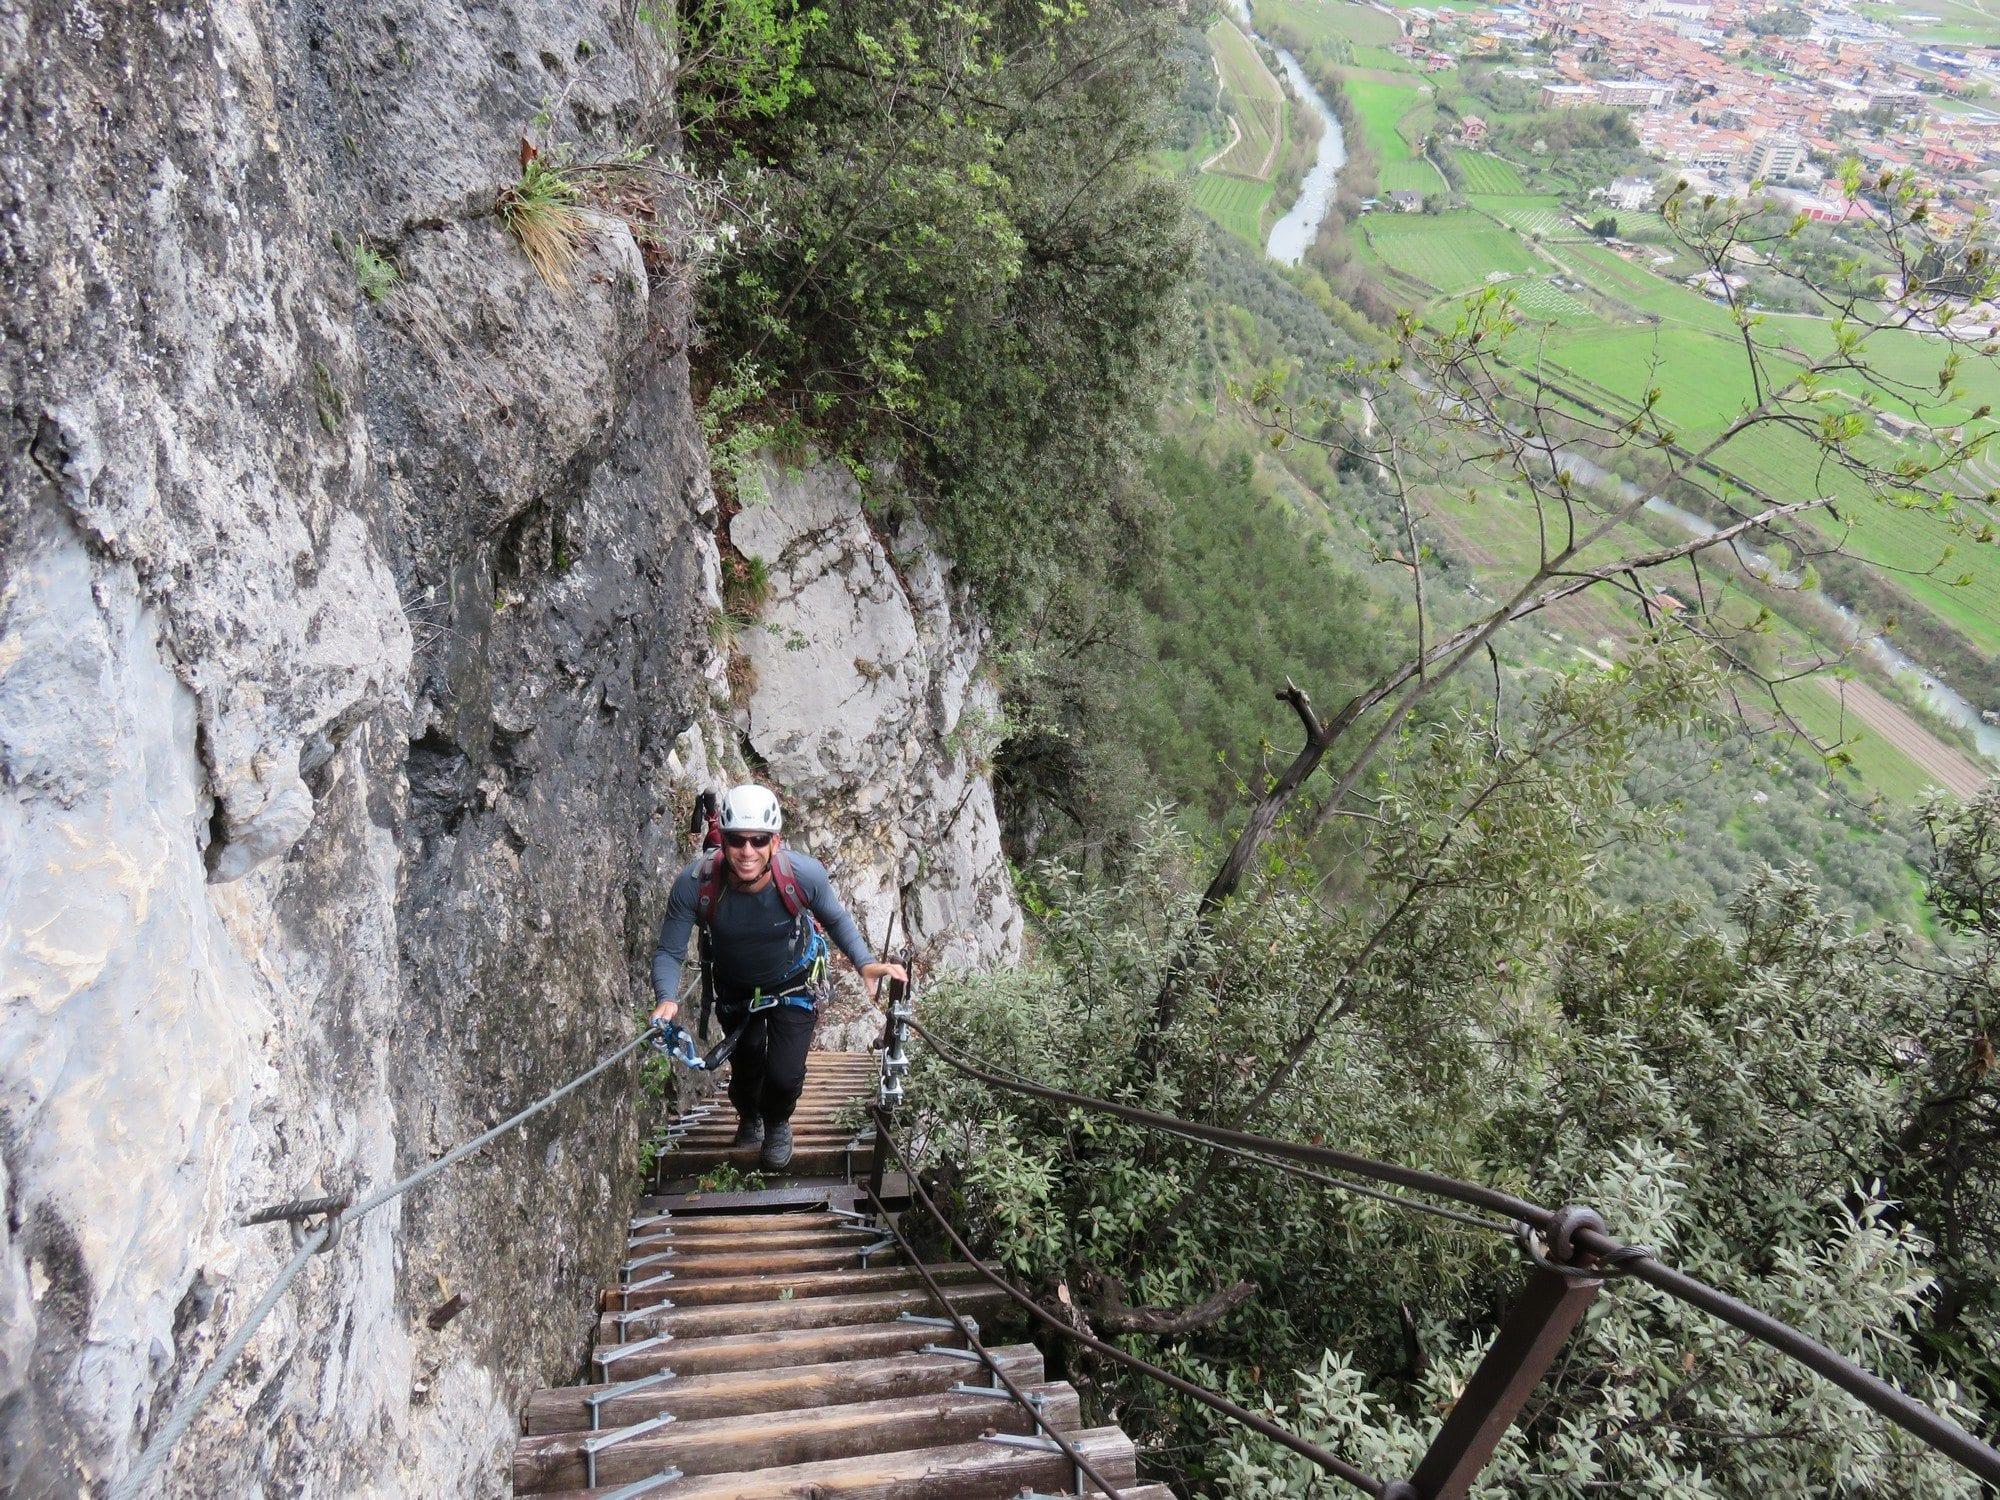 ויה פראטה Colodri, צפון איטליה, טיול אתגר, עם ערוצים בטבע